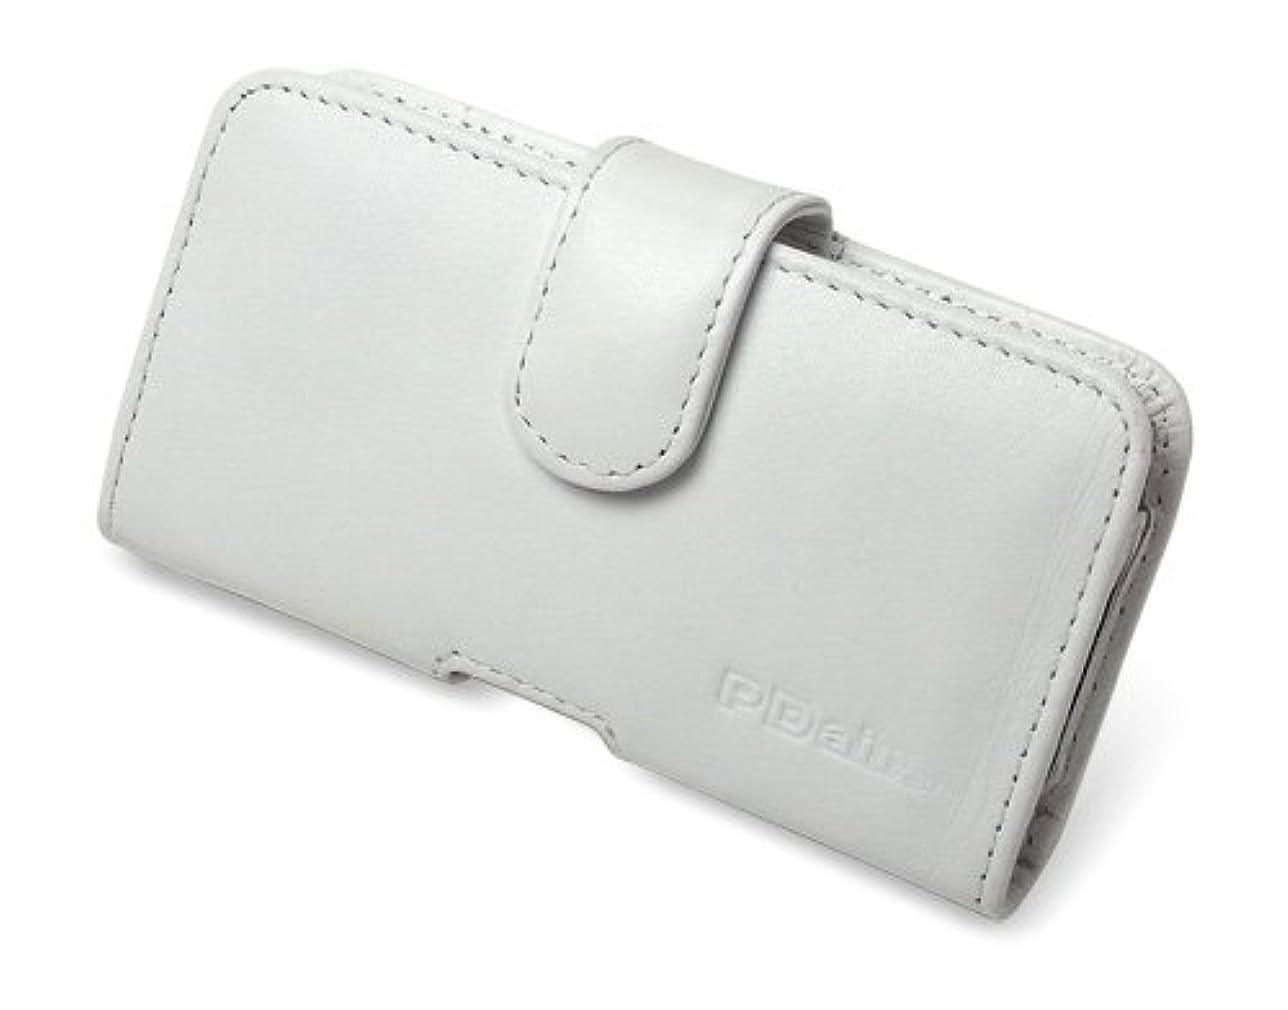 リットル物語ゲインセイミヤビックス PDAIR レザーケース for P-07C/Sweety SoftBank 003P ポーチタイプ(ホワイト) PALCP07CP/WH